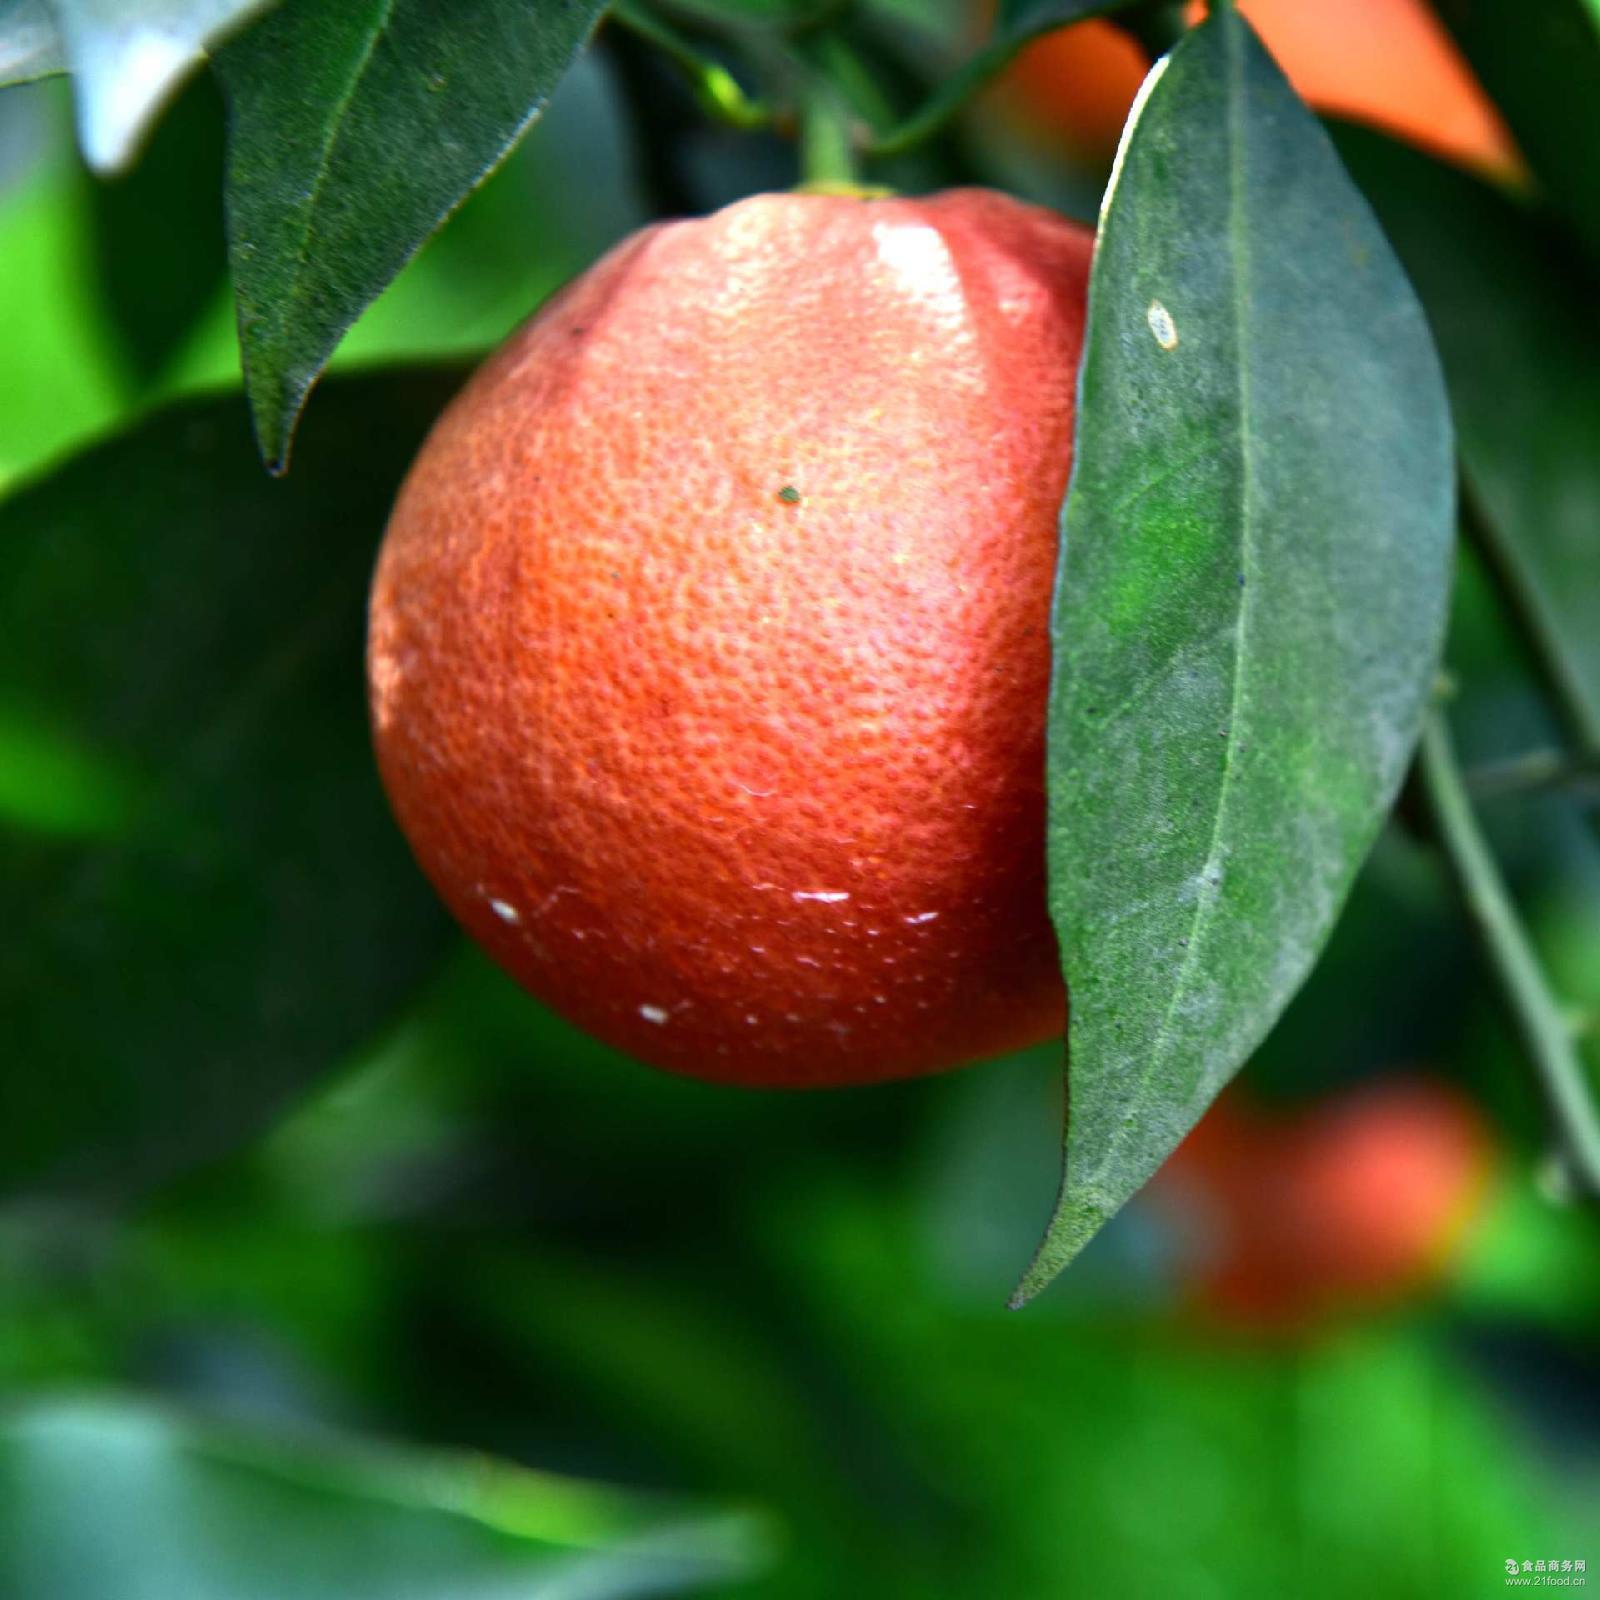 秭归血橙塔罗科顺丰9斤包邮天然新鲜水果果园